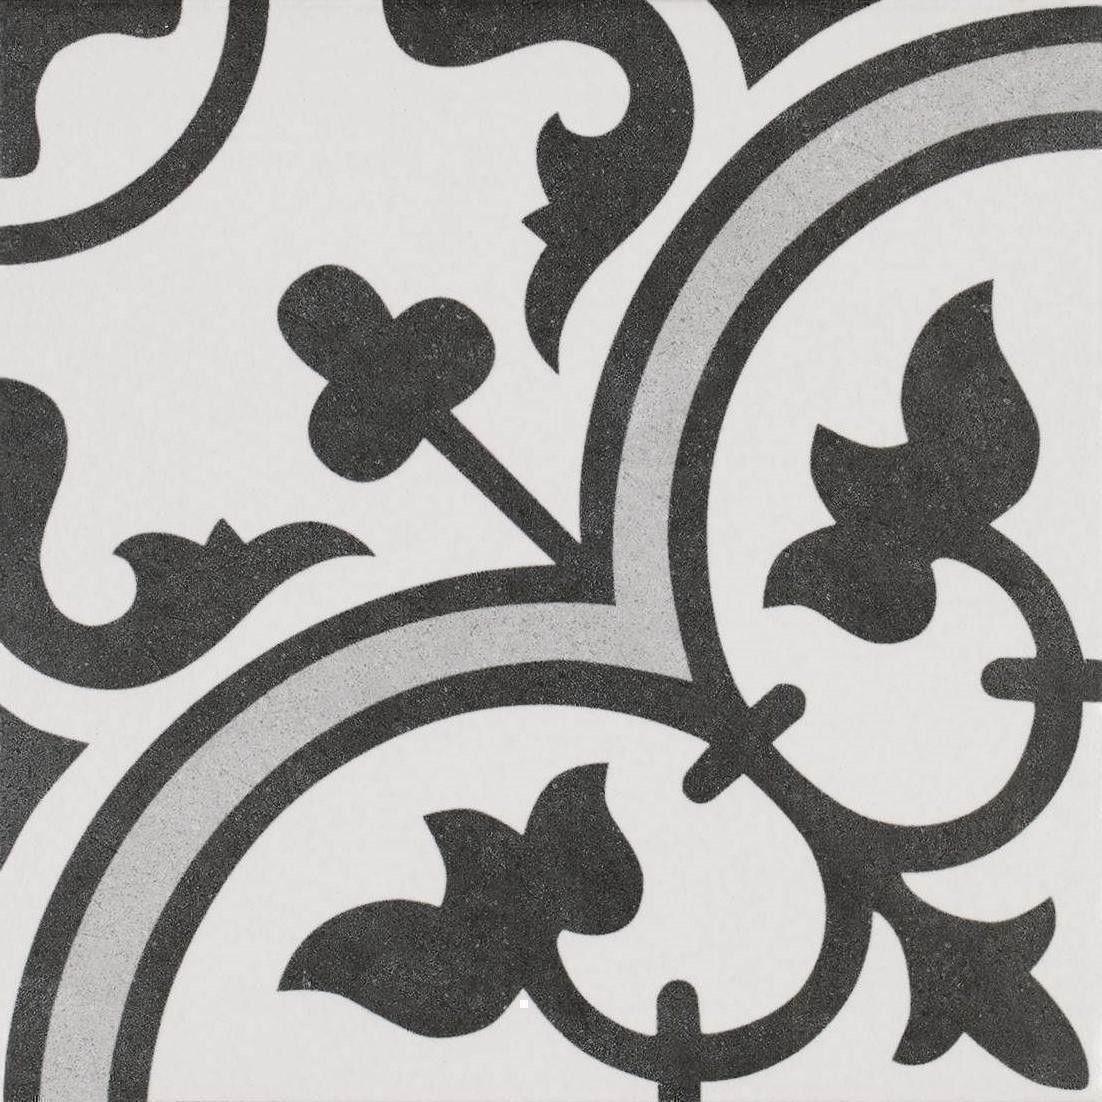 Arte Grey 25x25 płytki gresowe patchwork